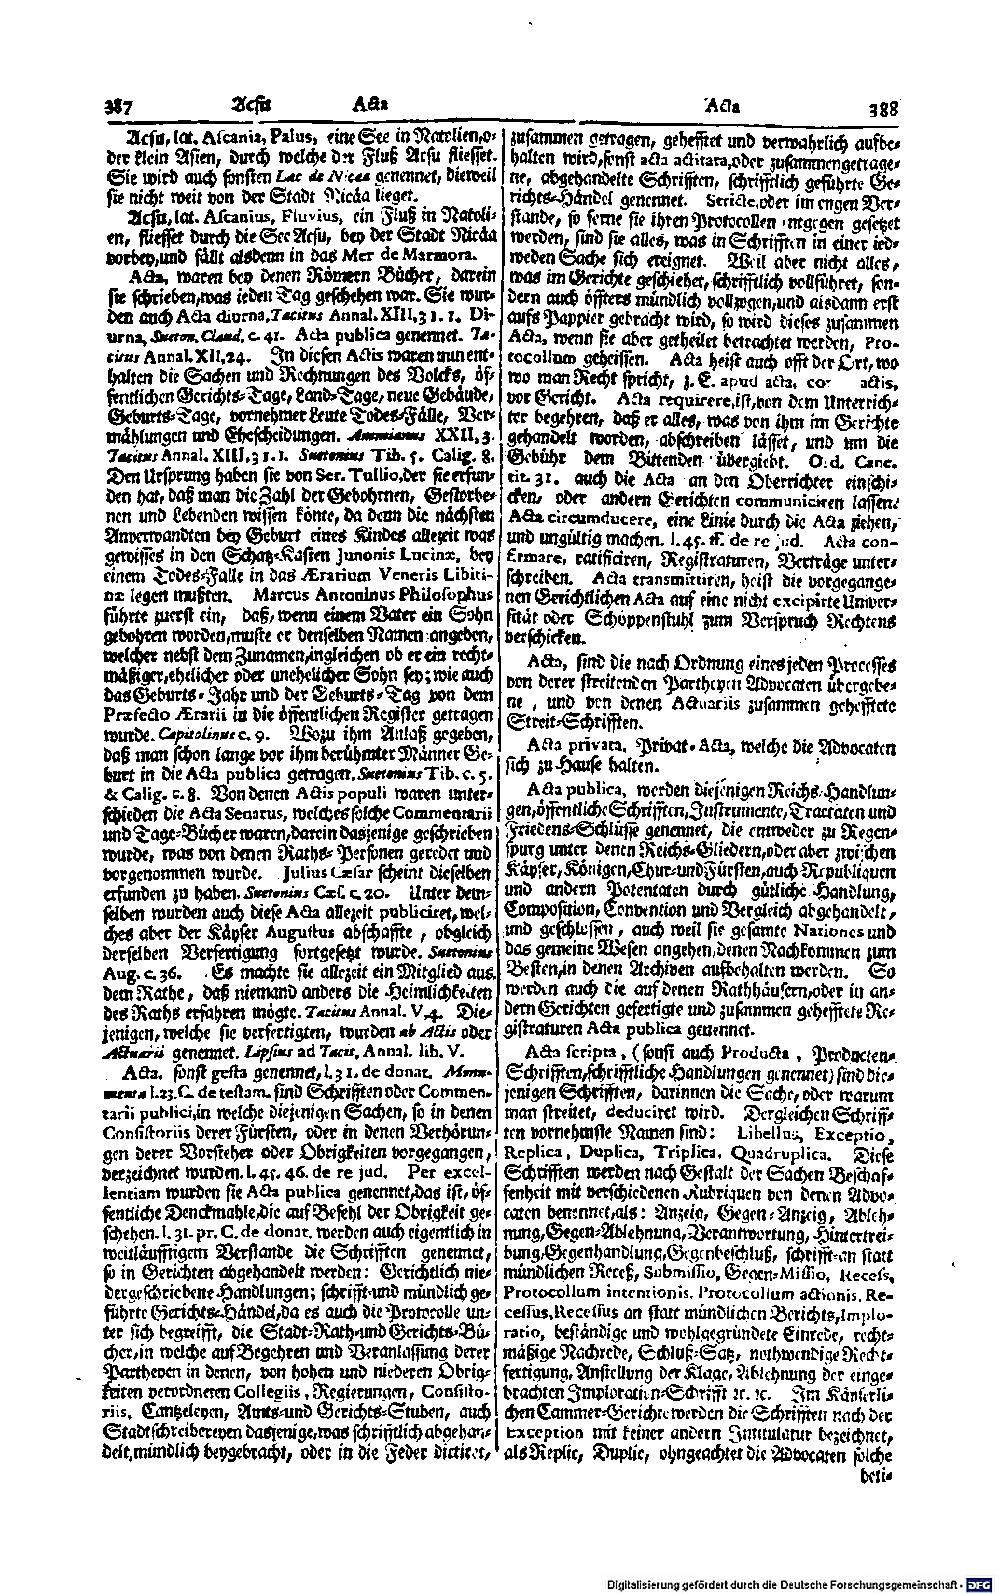 Bd. 01, Seite 0233.